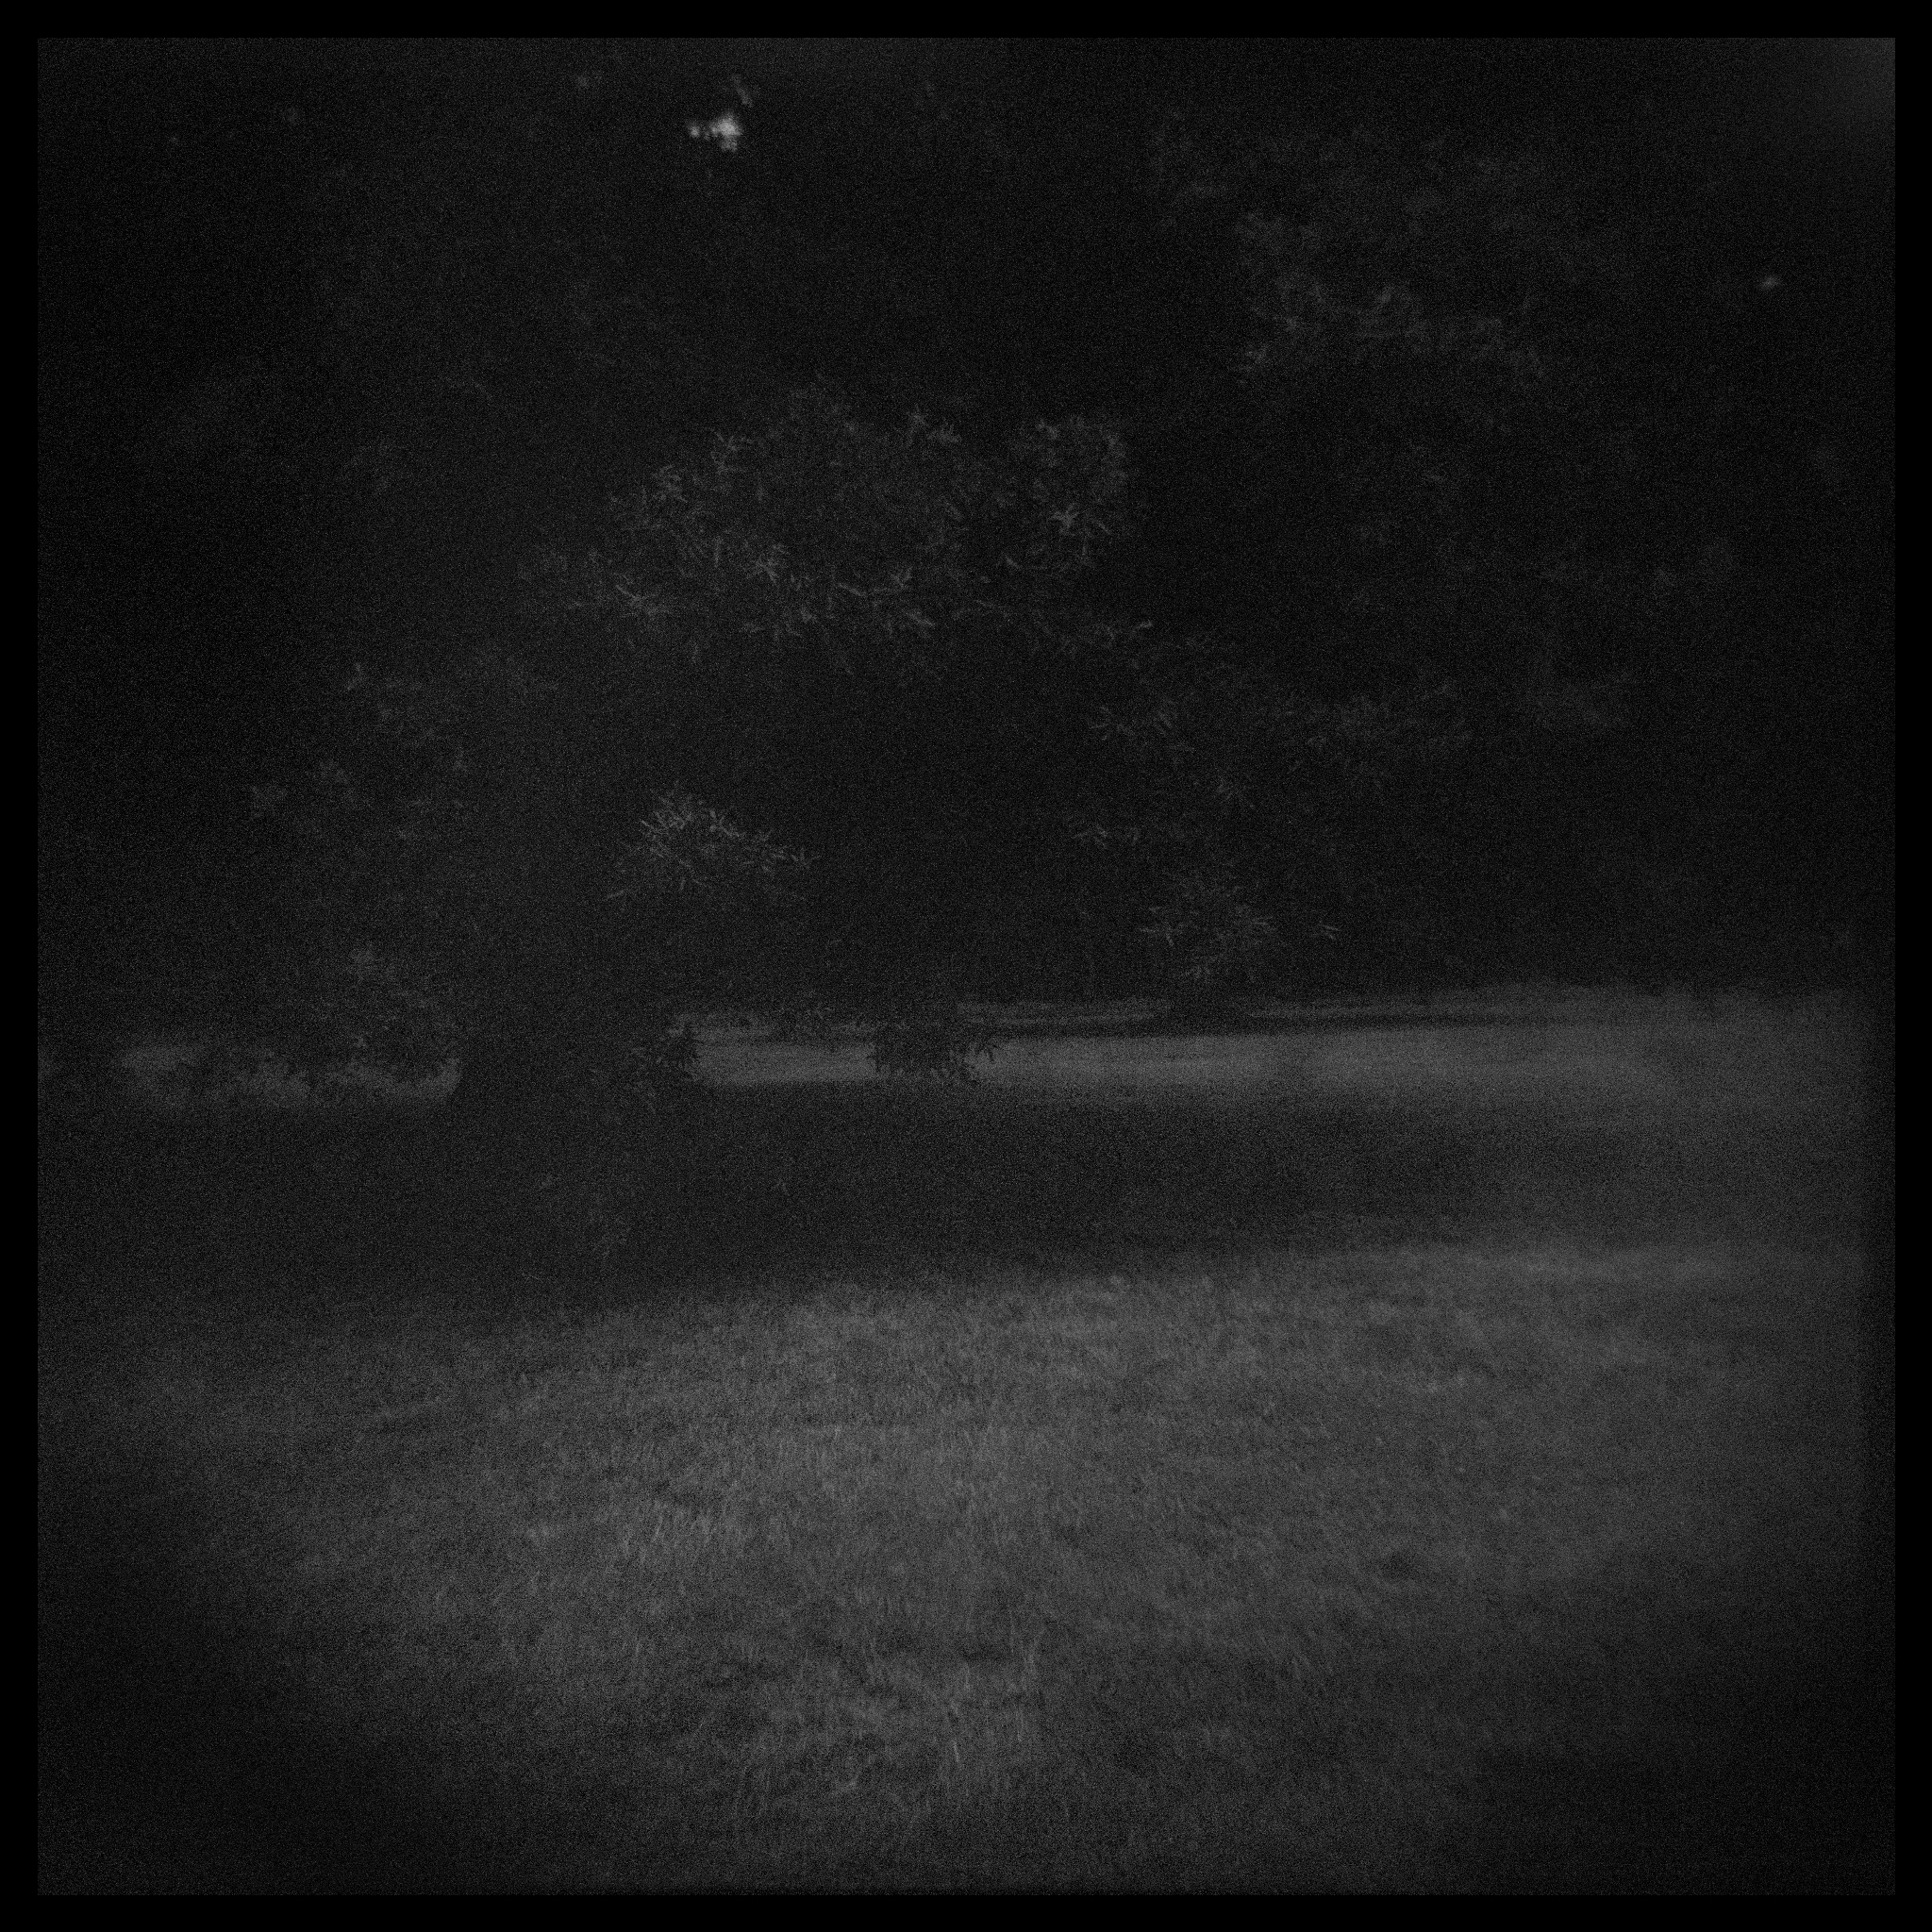 Debora-Francis-Landscapes-19.jpg